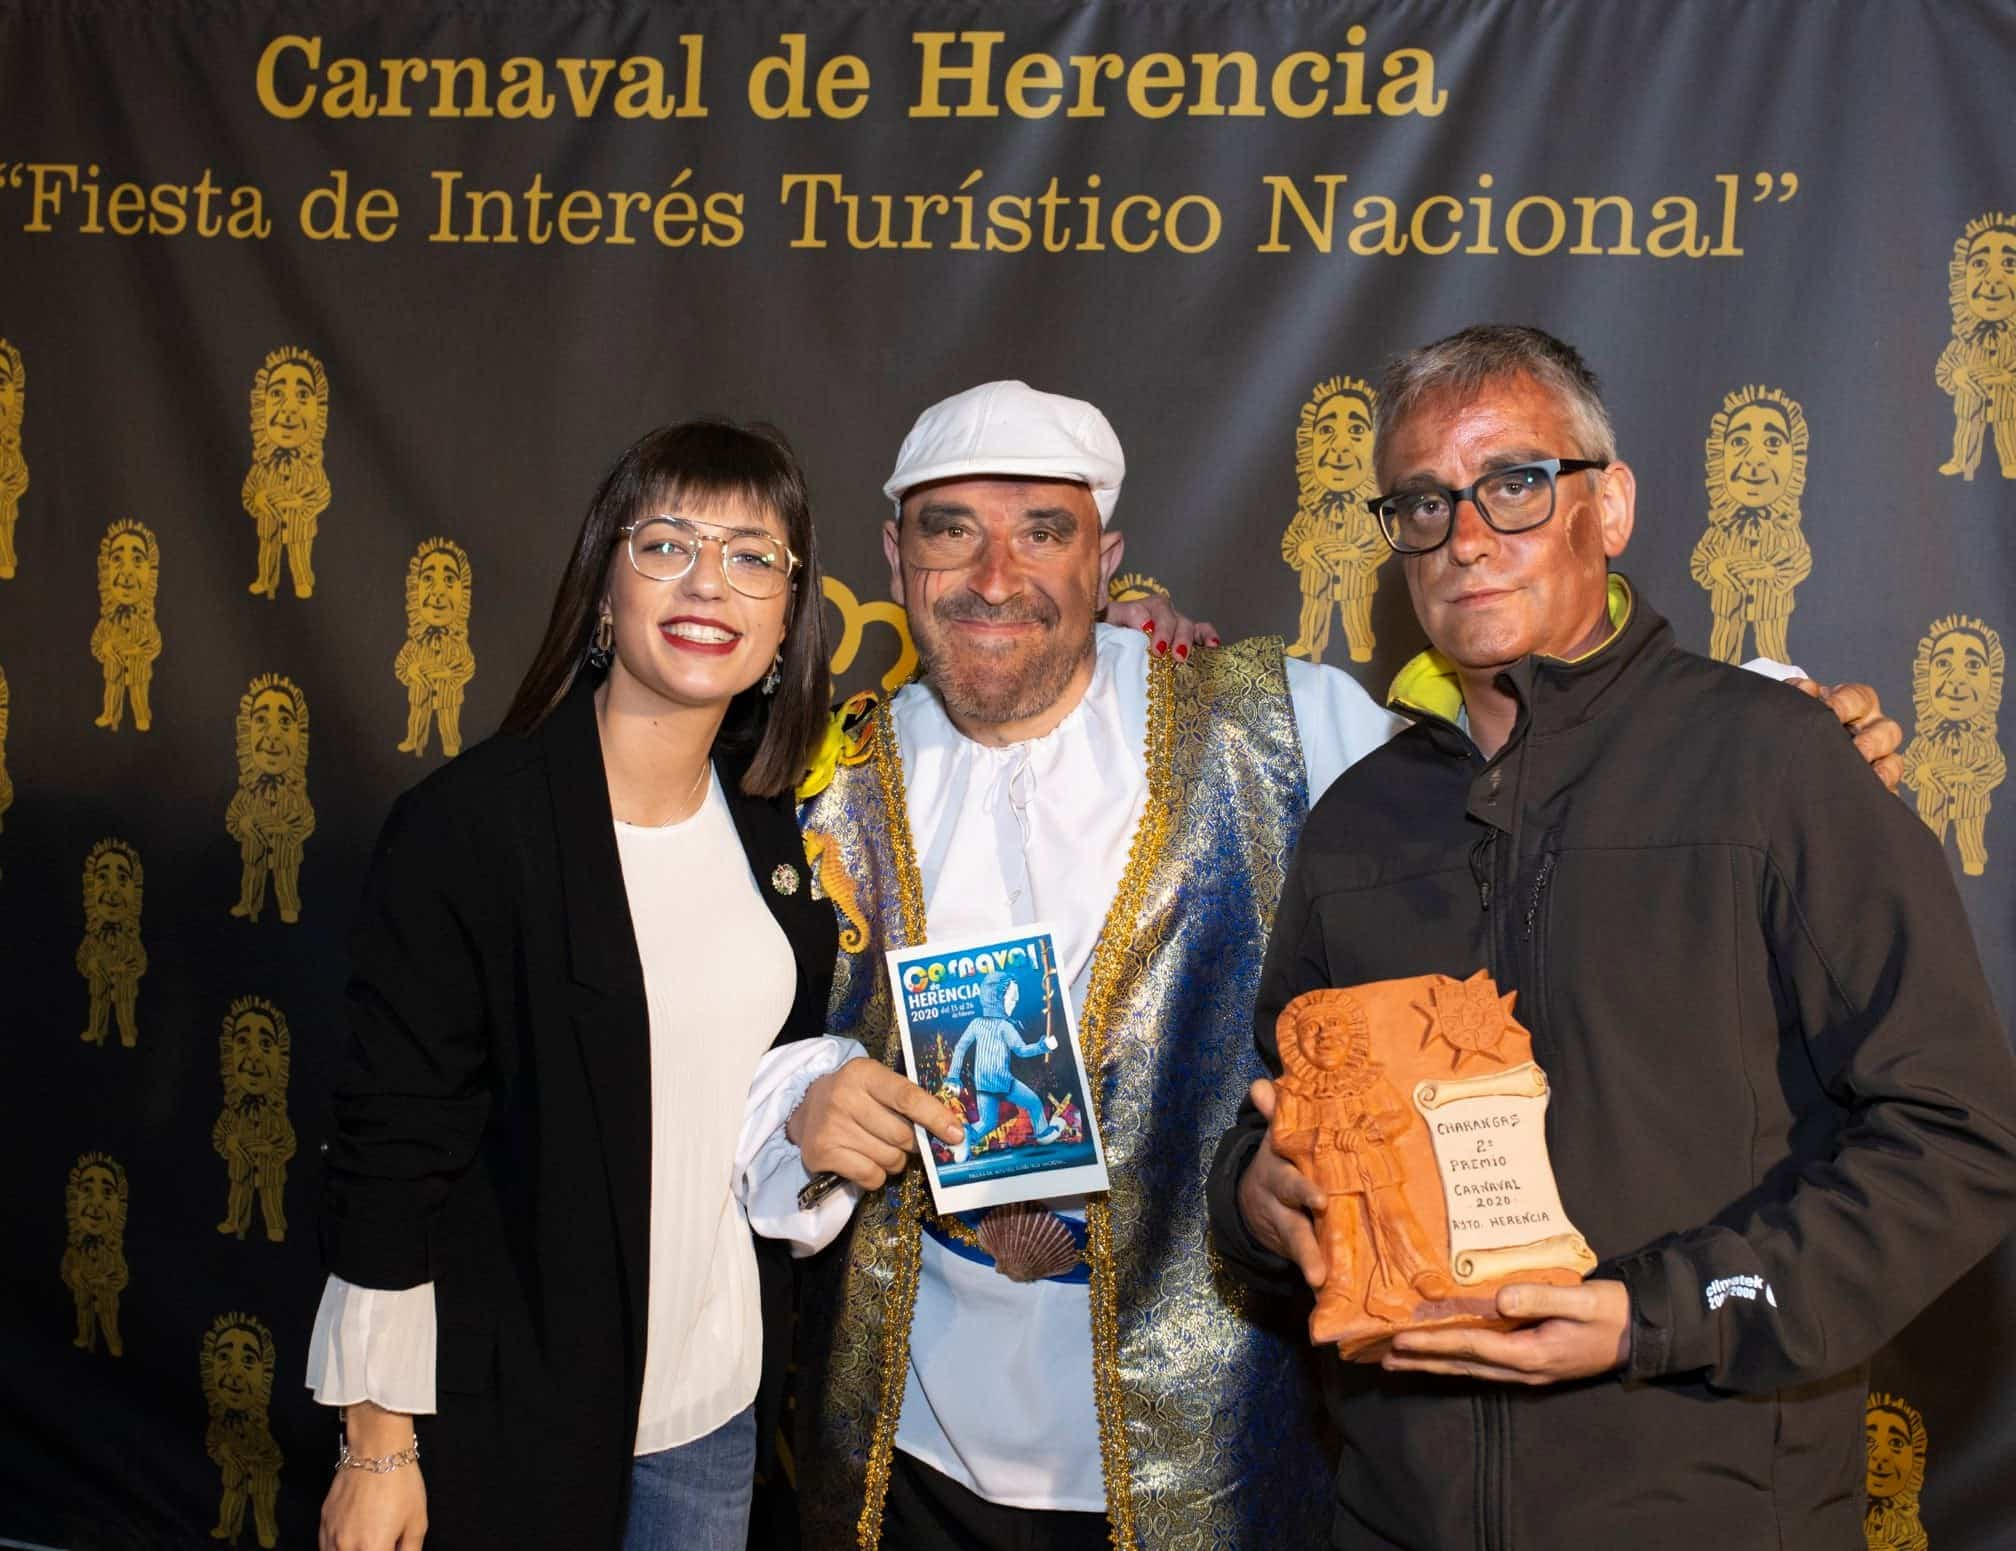 Selección de fotografías del Ofertorio del Carnaval de Herencia 501